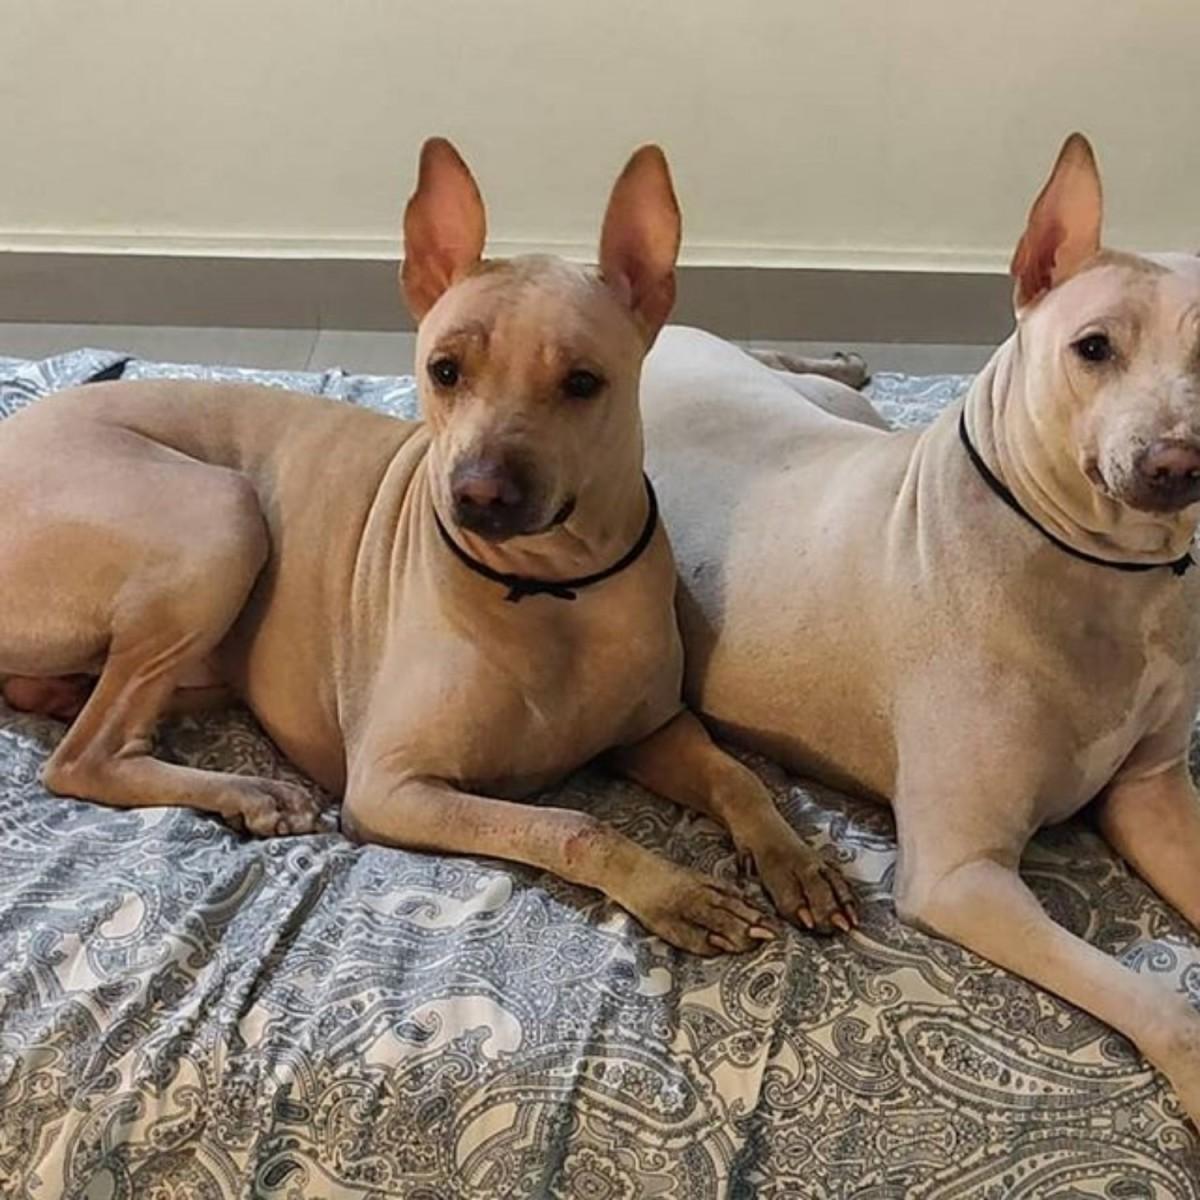 The Jonangi Dogs